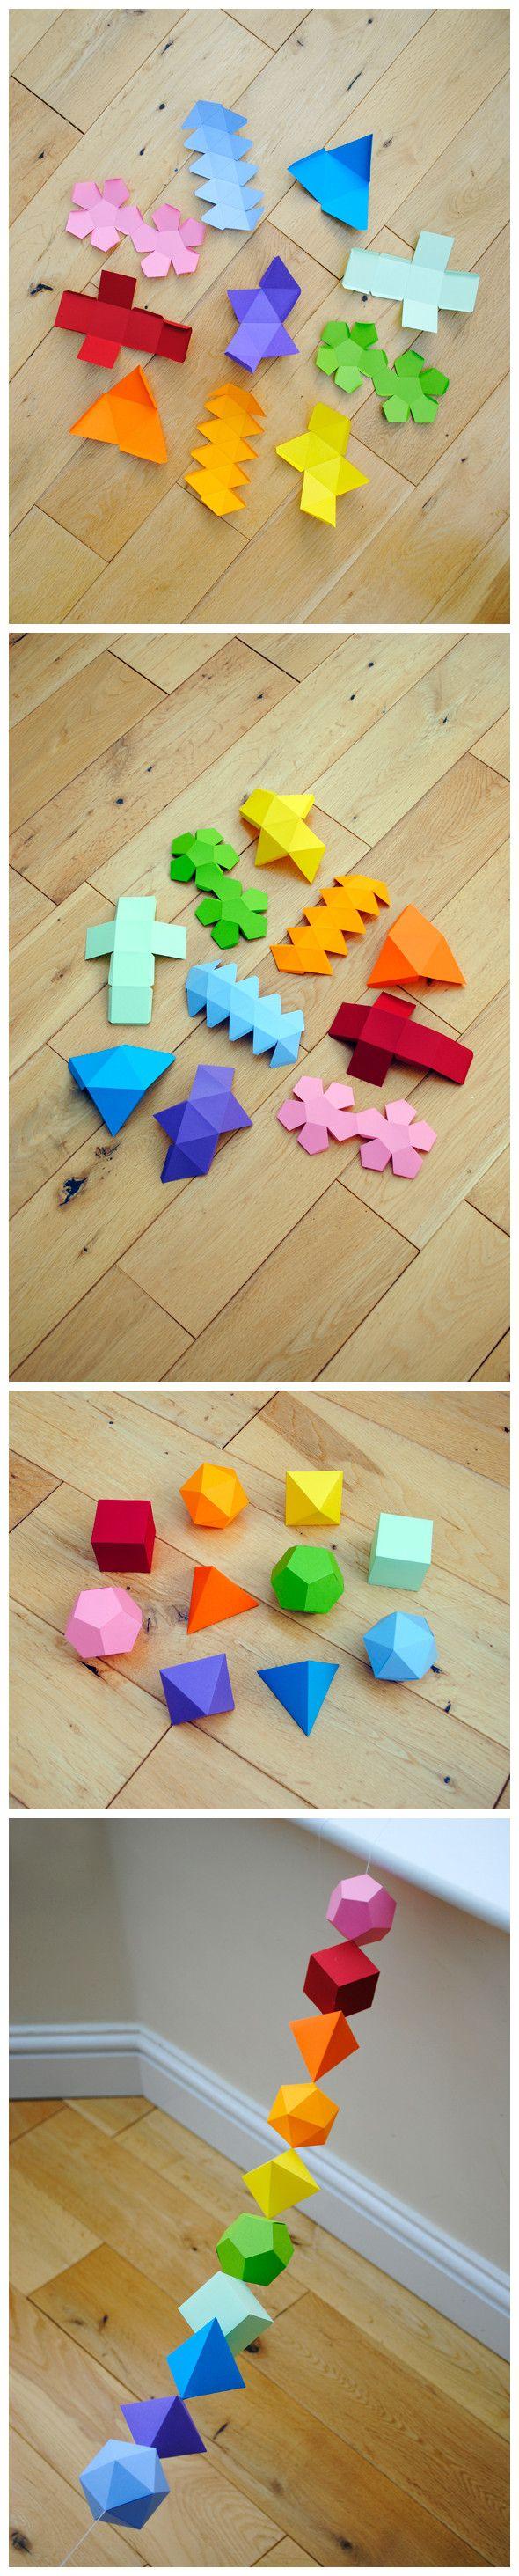 糖果色的几何包